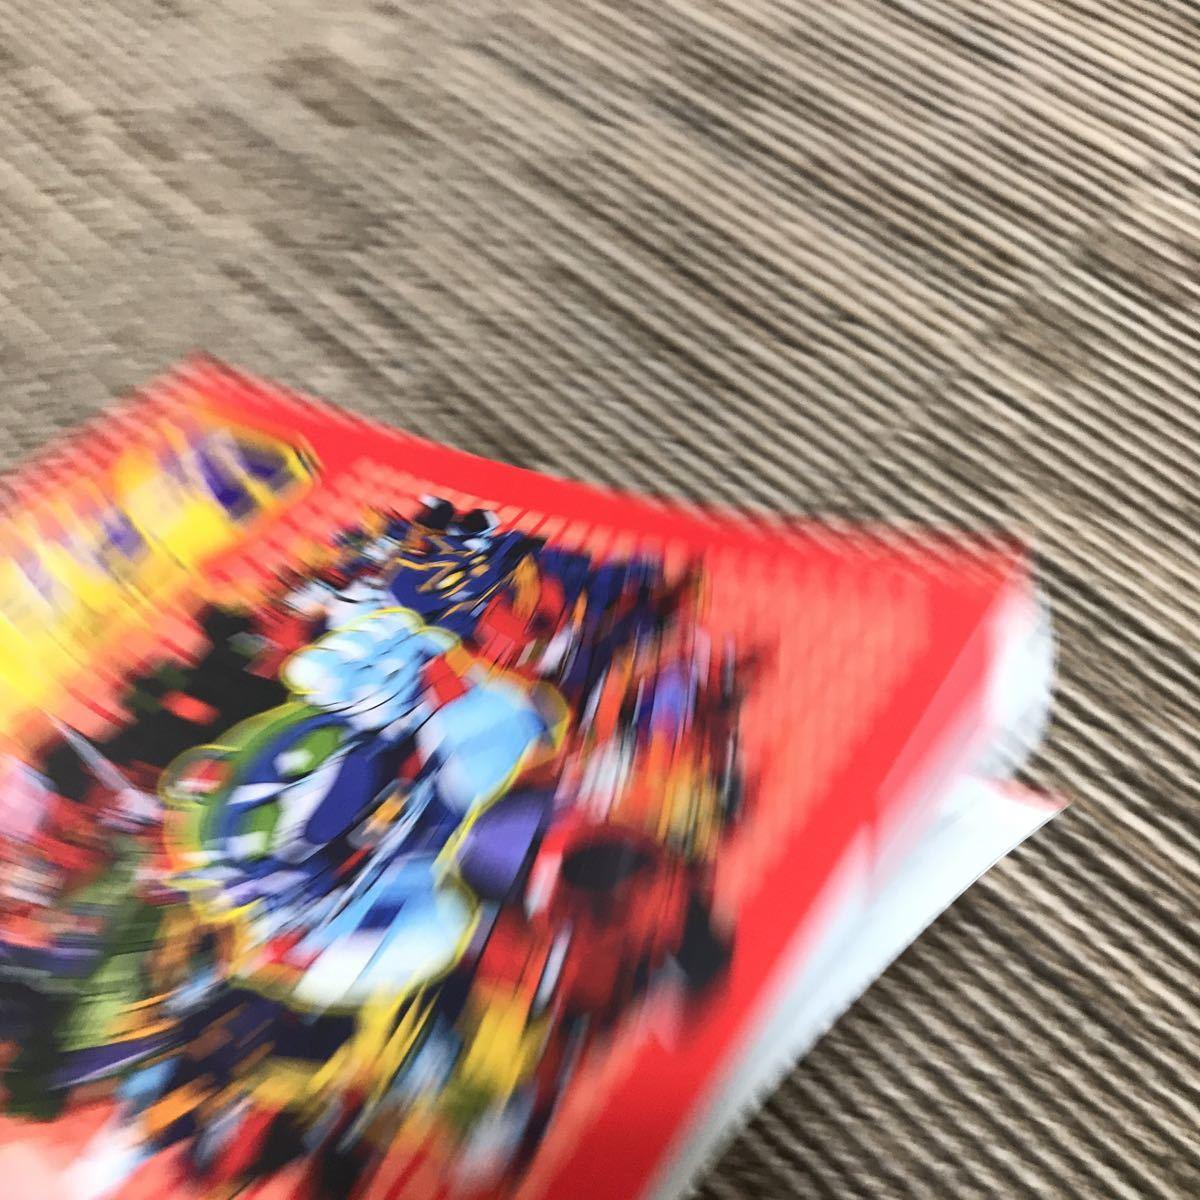 攻略本 GB ブレイブサーガ 新章 アスタリア ゲームボーイ 必勝法スペシャル